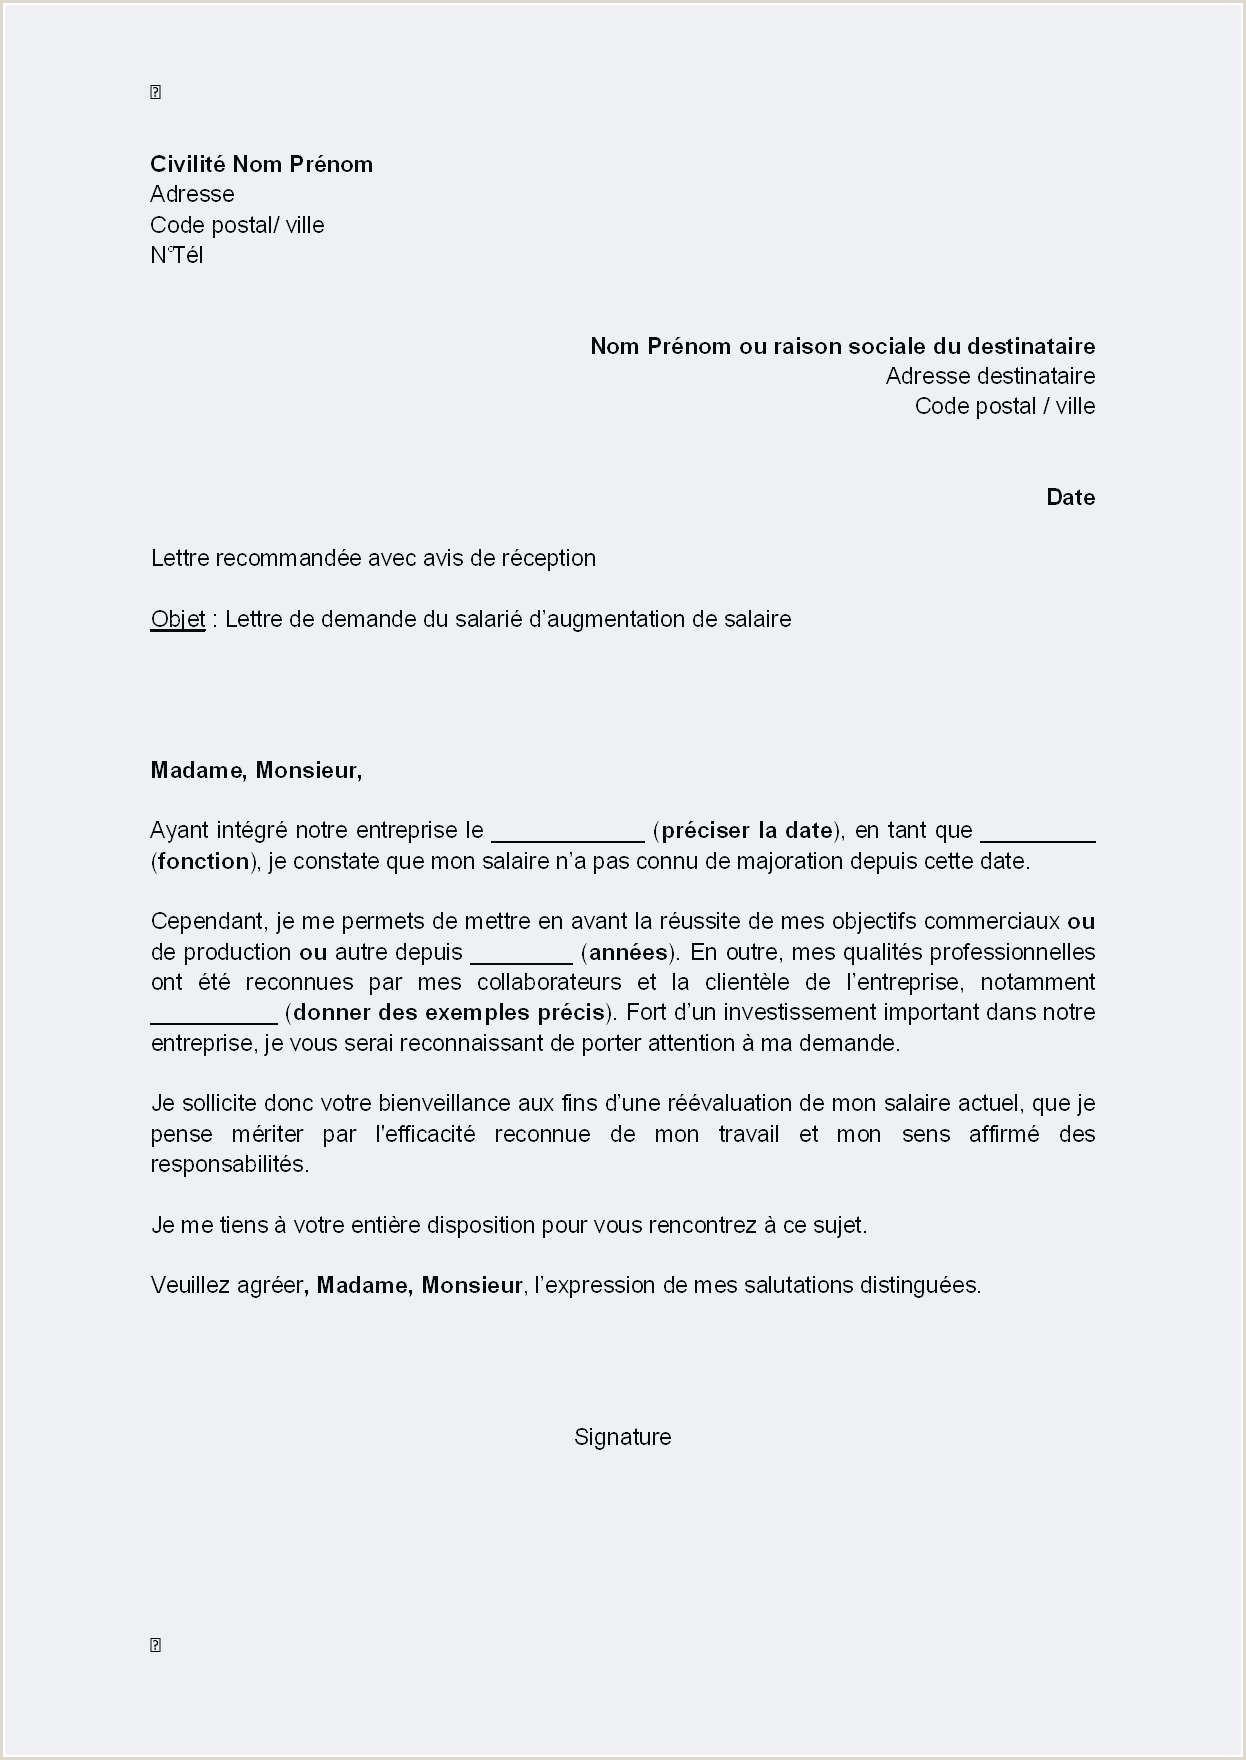 Exemple De Cv Demploi Pdf Lettre De Motivation Pour Un Emploi Pdf Lettre Cv Modele